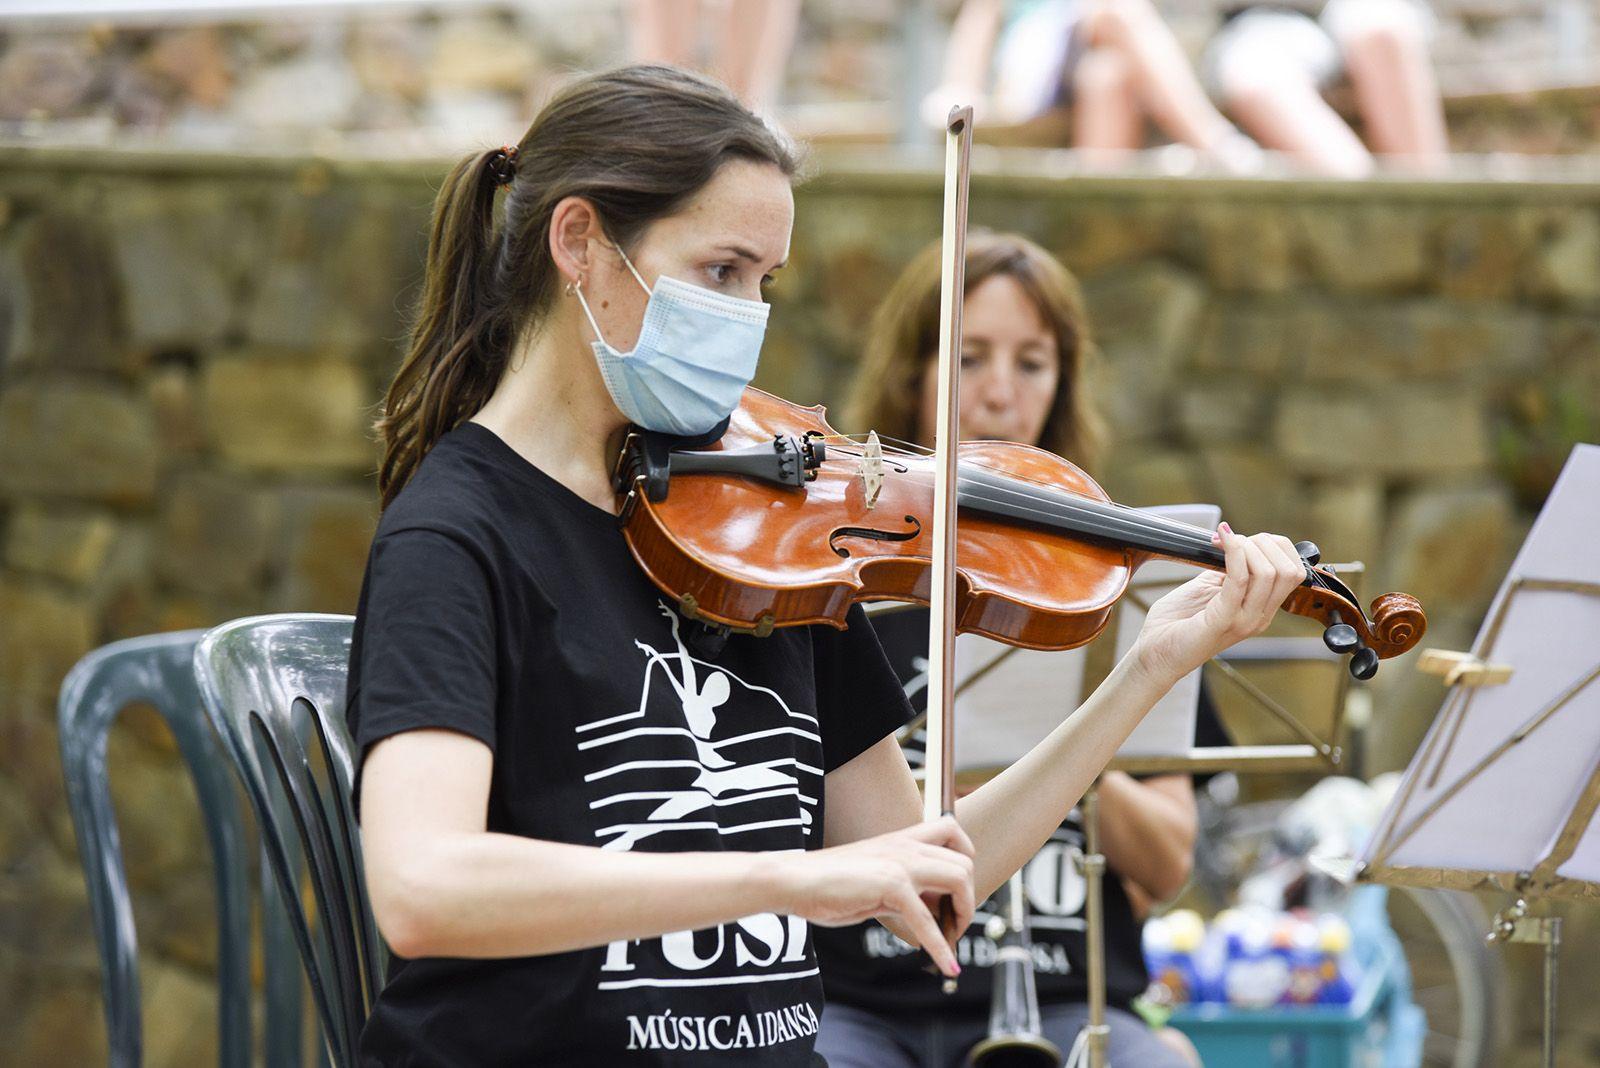 Orquestra Simfònica Fusió. Foto: Bernat Millet.